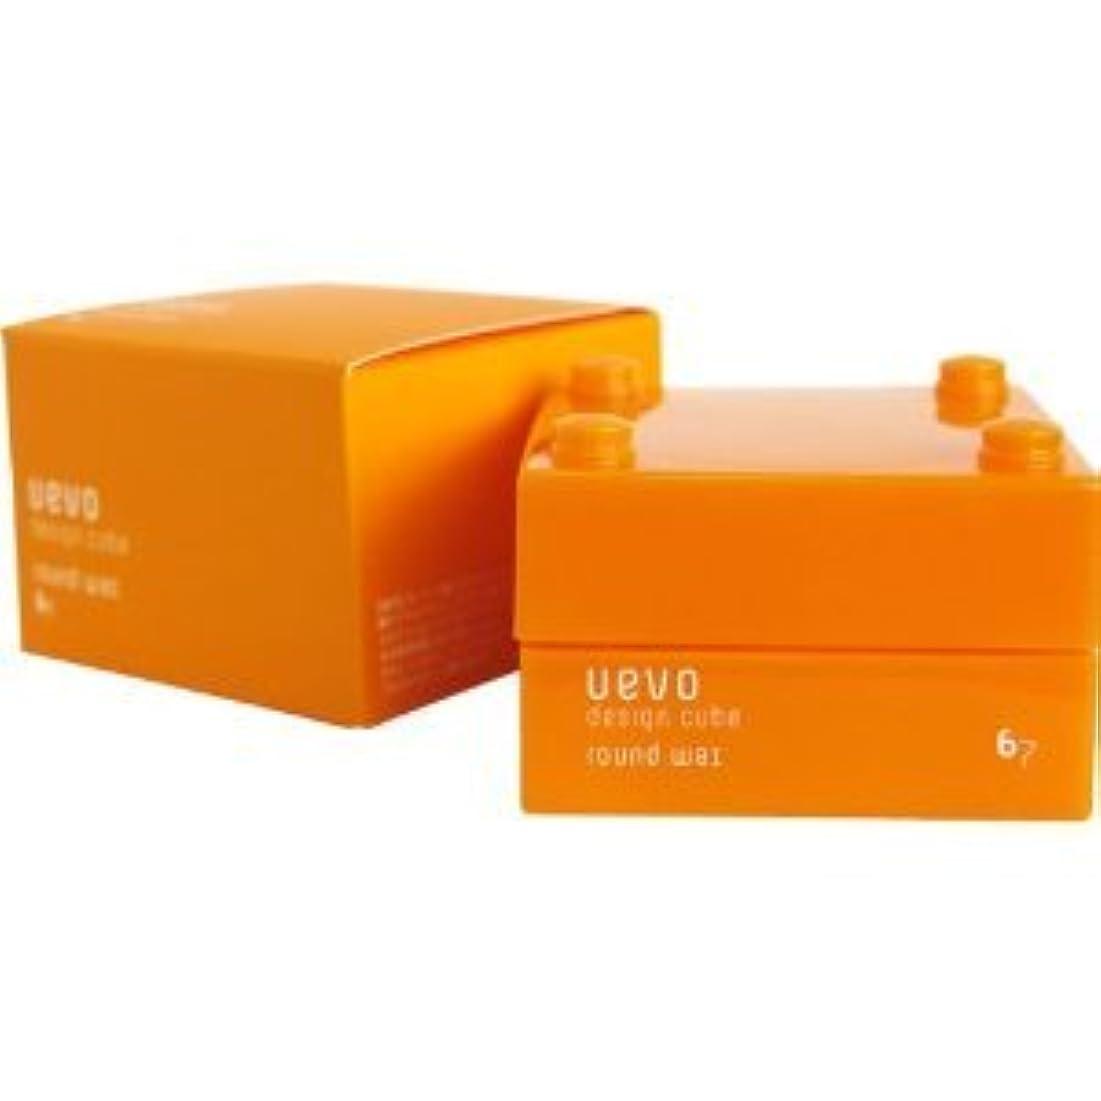 蒸留文明戻る【X2個セット】 デミ ウェーボ デザインキューブ ラウンドワックス 30g round wax DEMI uevo design cube